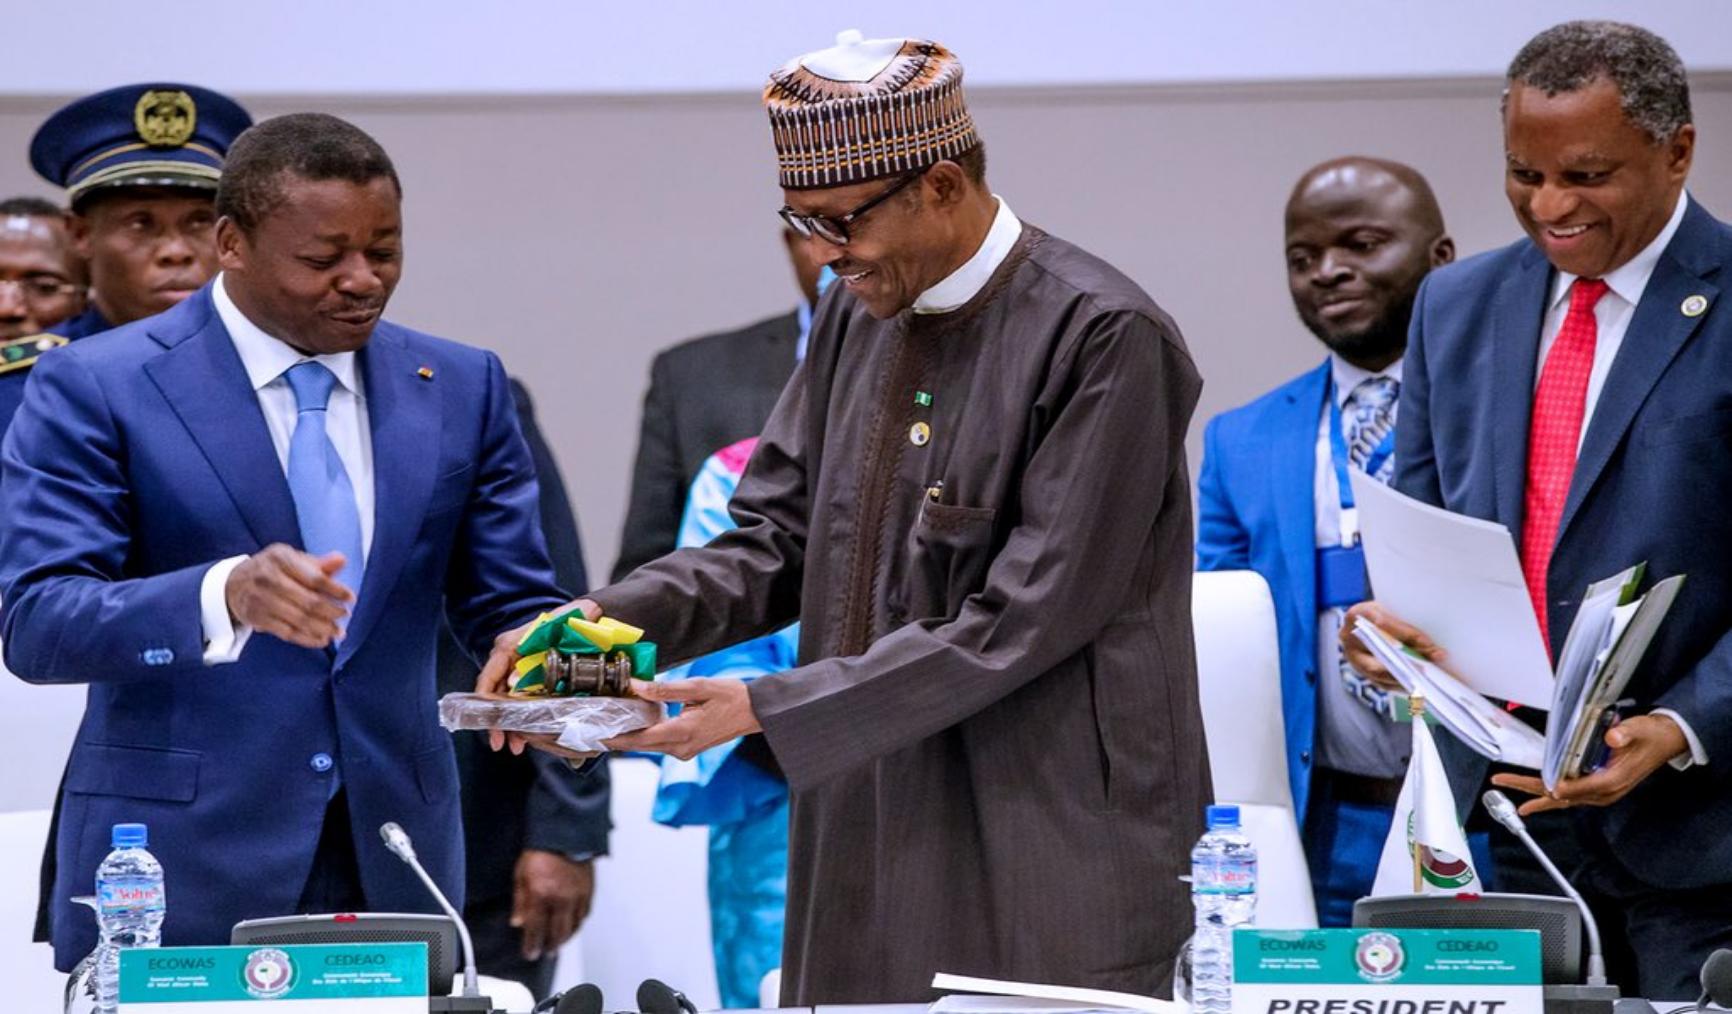 FW: Buhari is ECOWAS Chairman